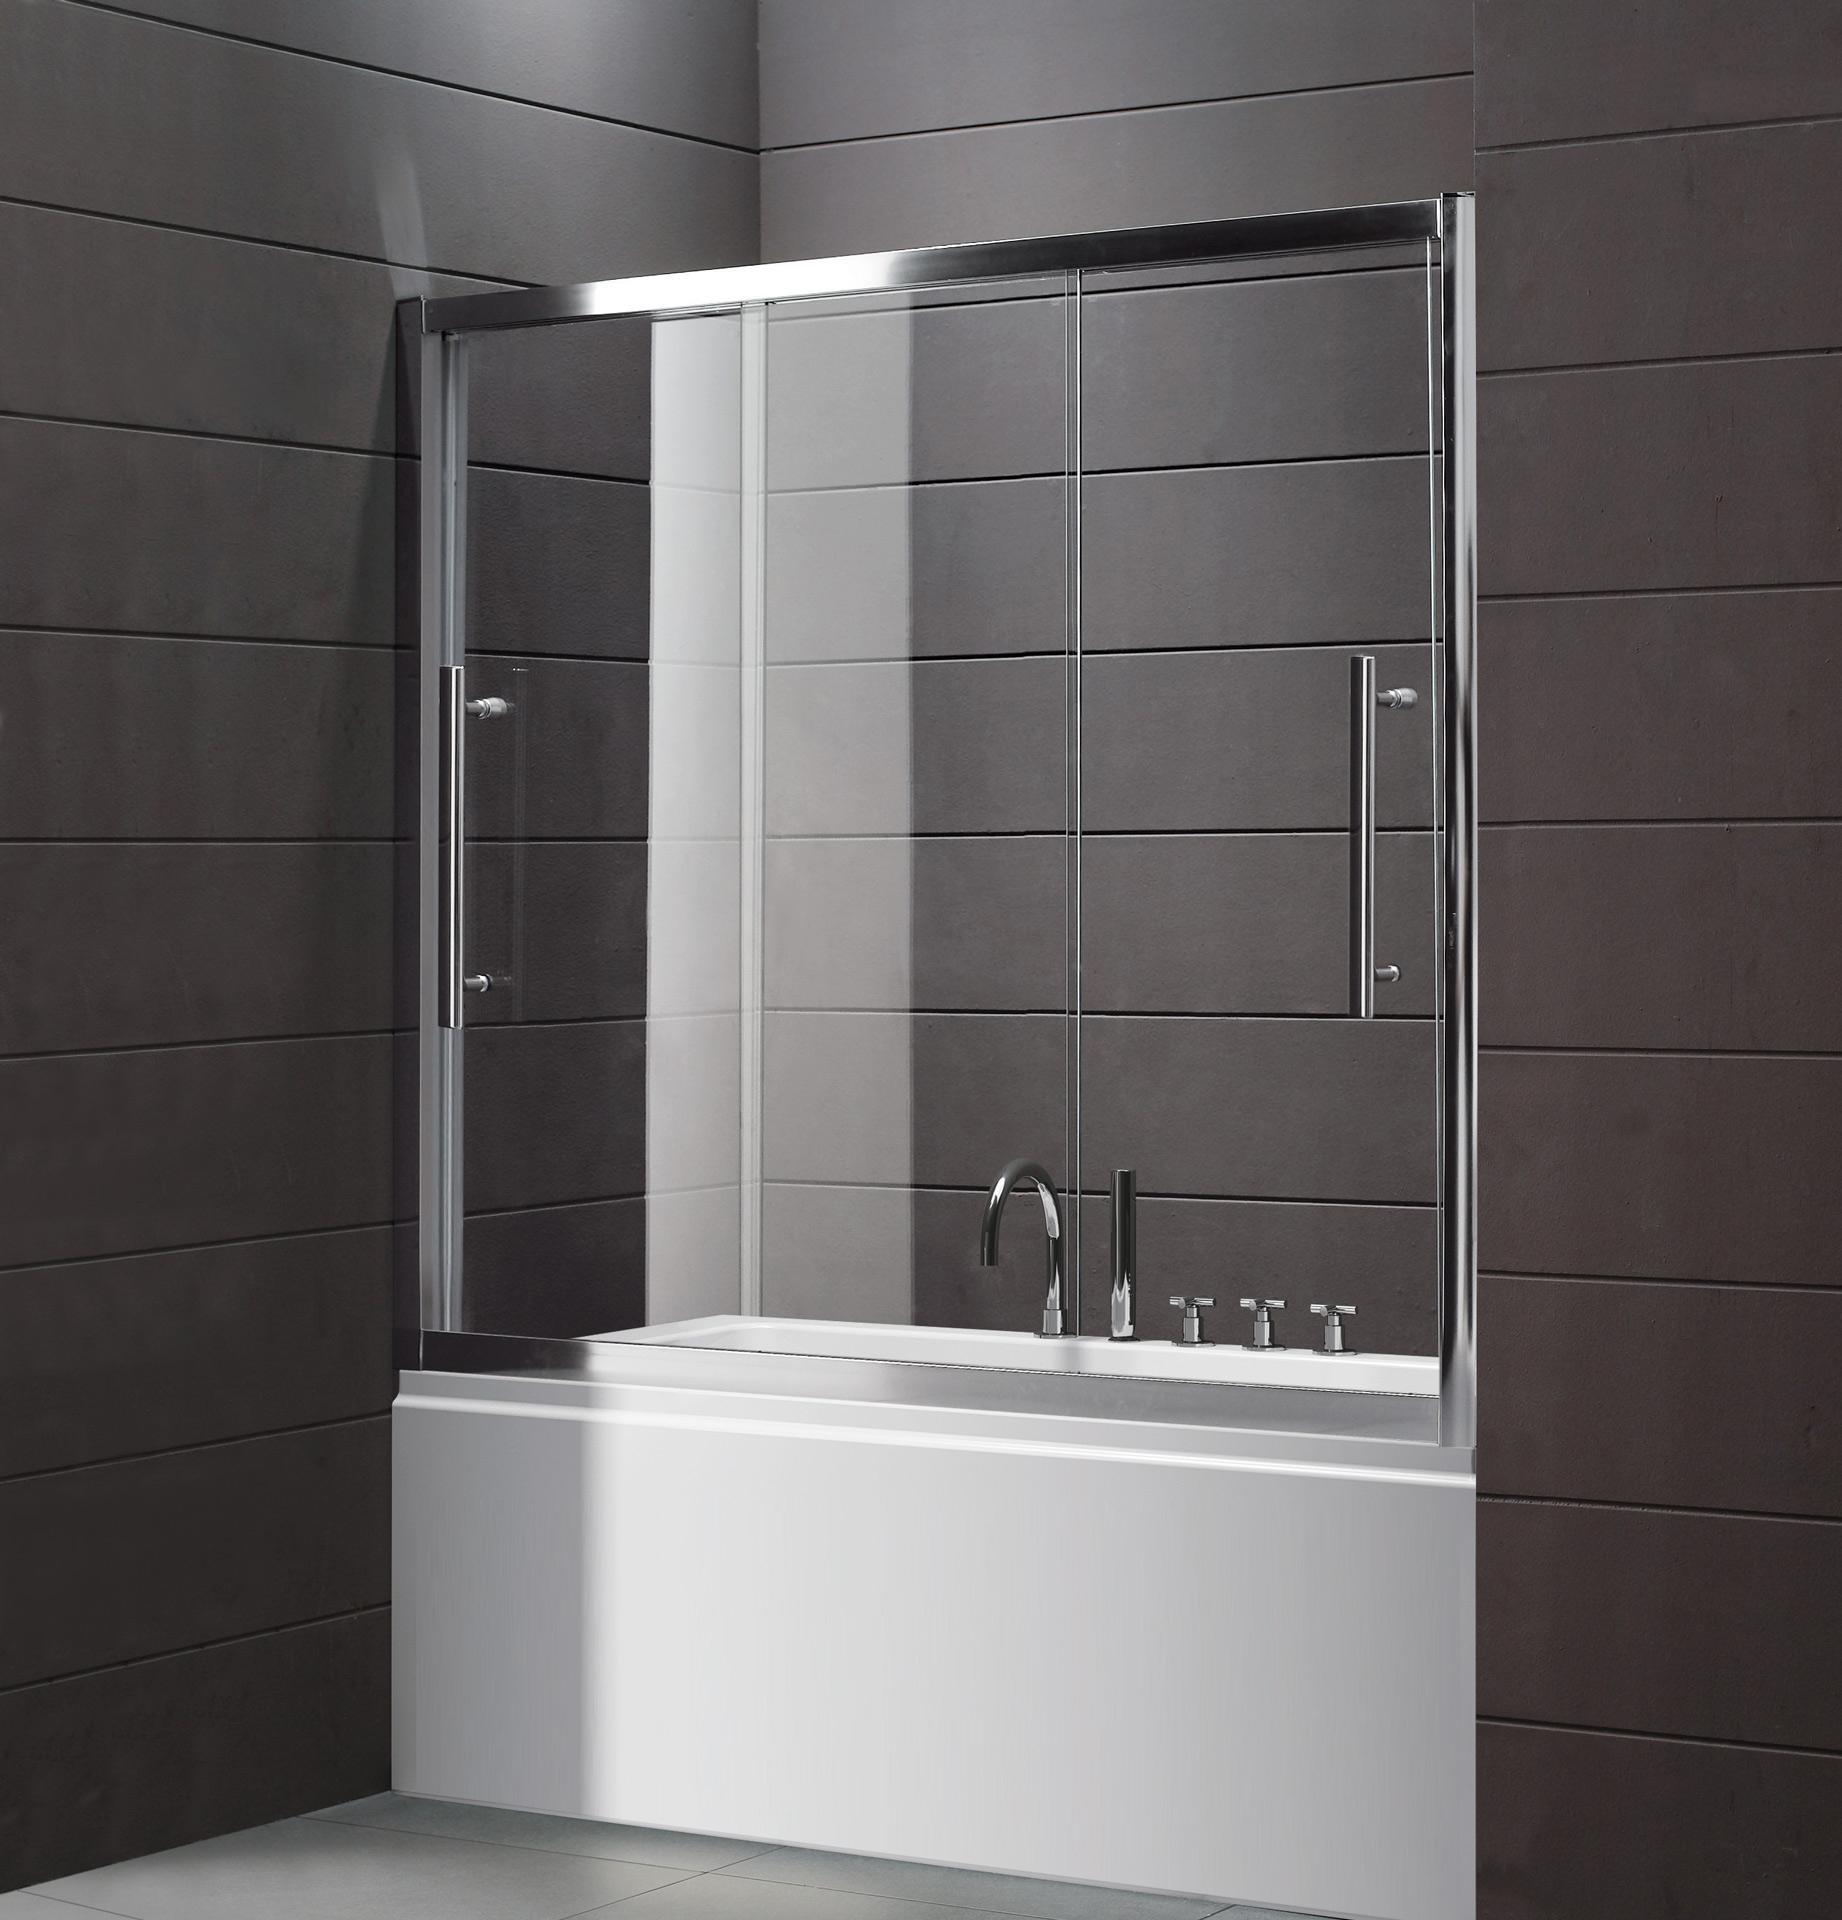 Раздвижная стеклянная шторка в просторной коричнево-белой ванной